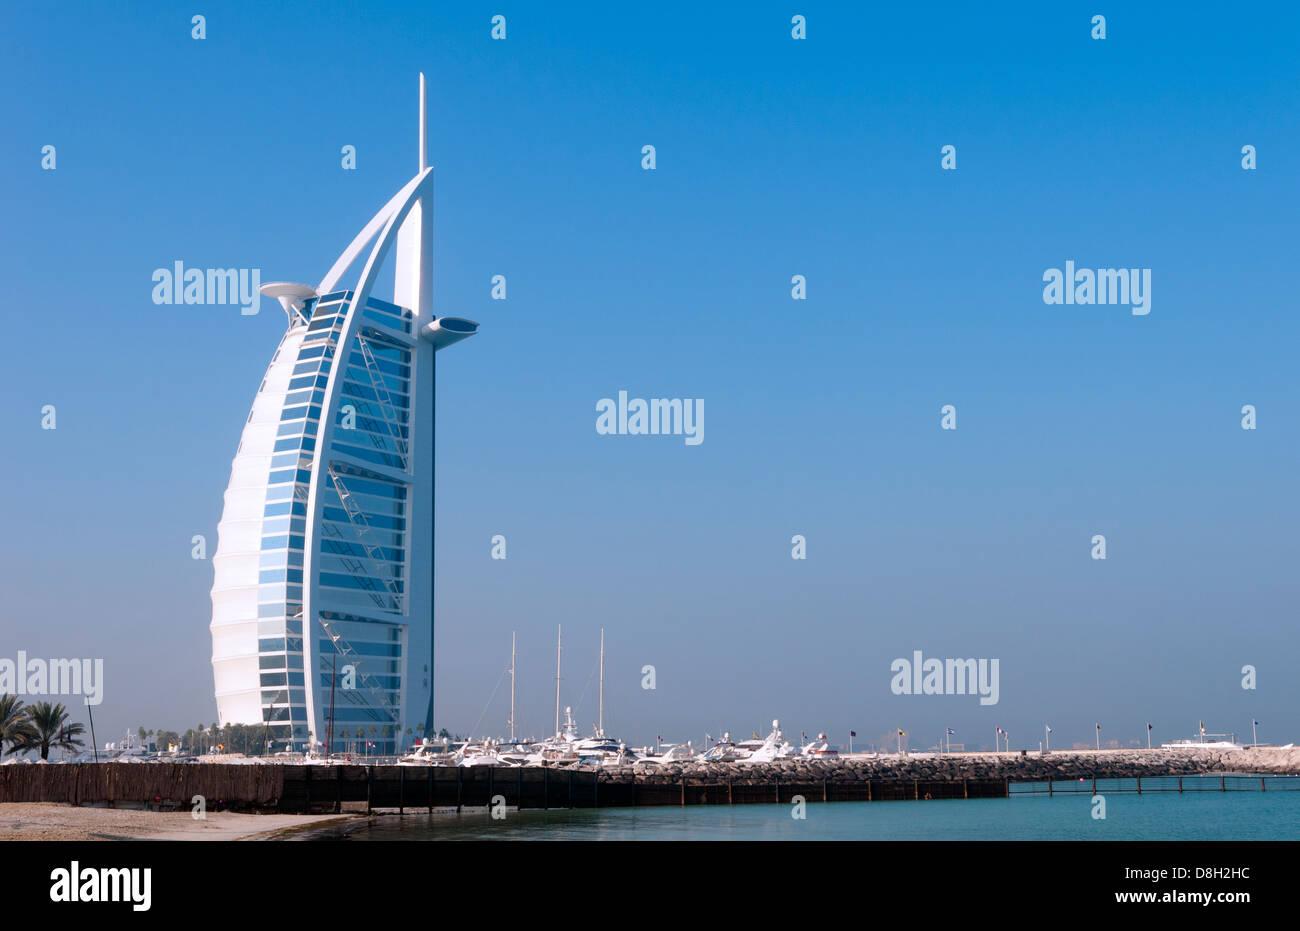 Welten Nur 7 Sterne Hotel In Dubai Vae Genannt Das Burj Al Arab